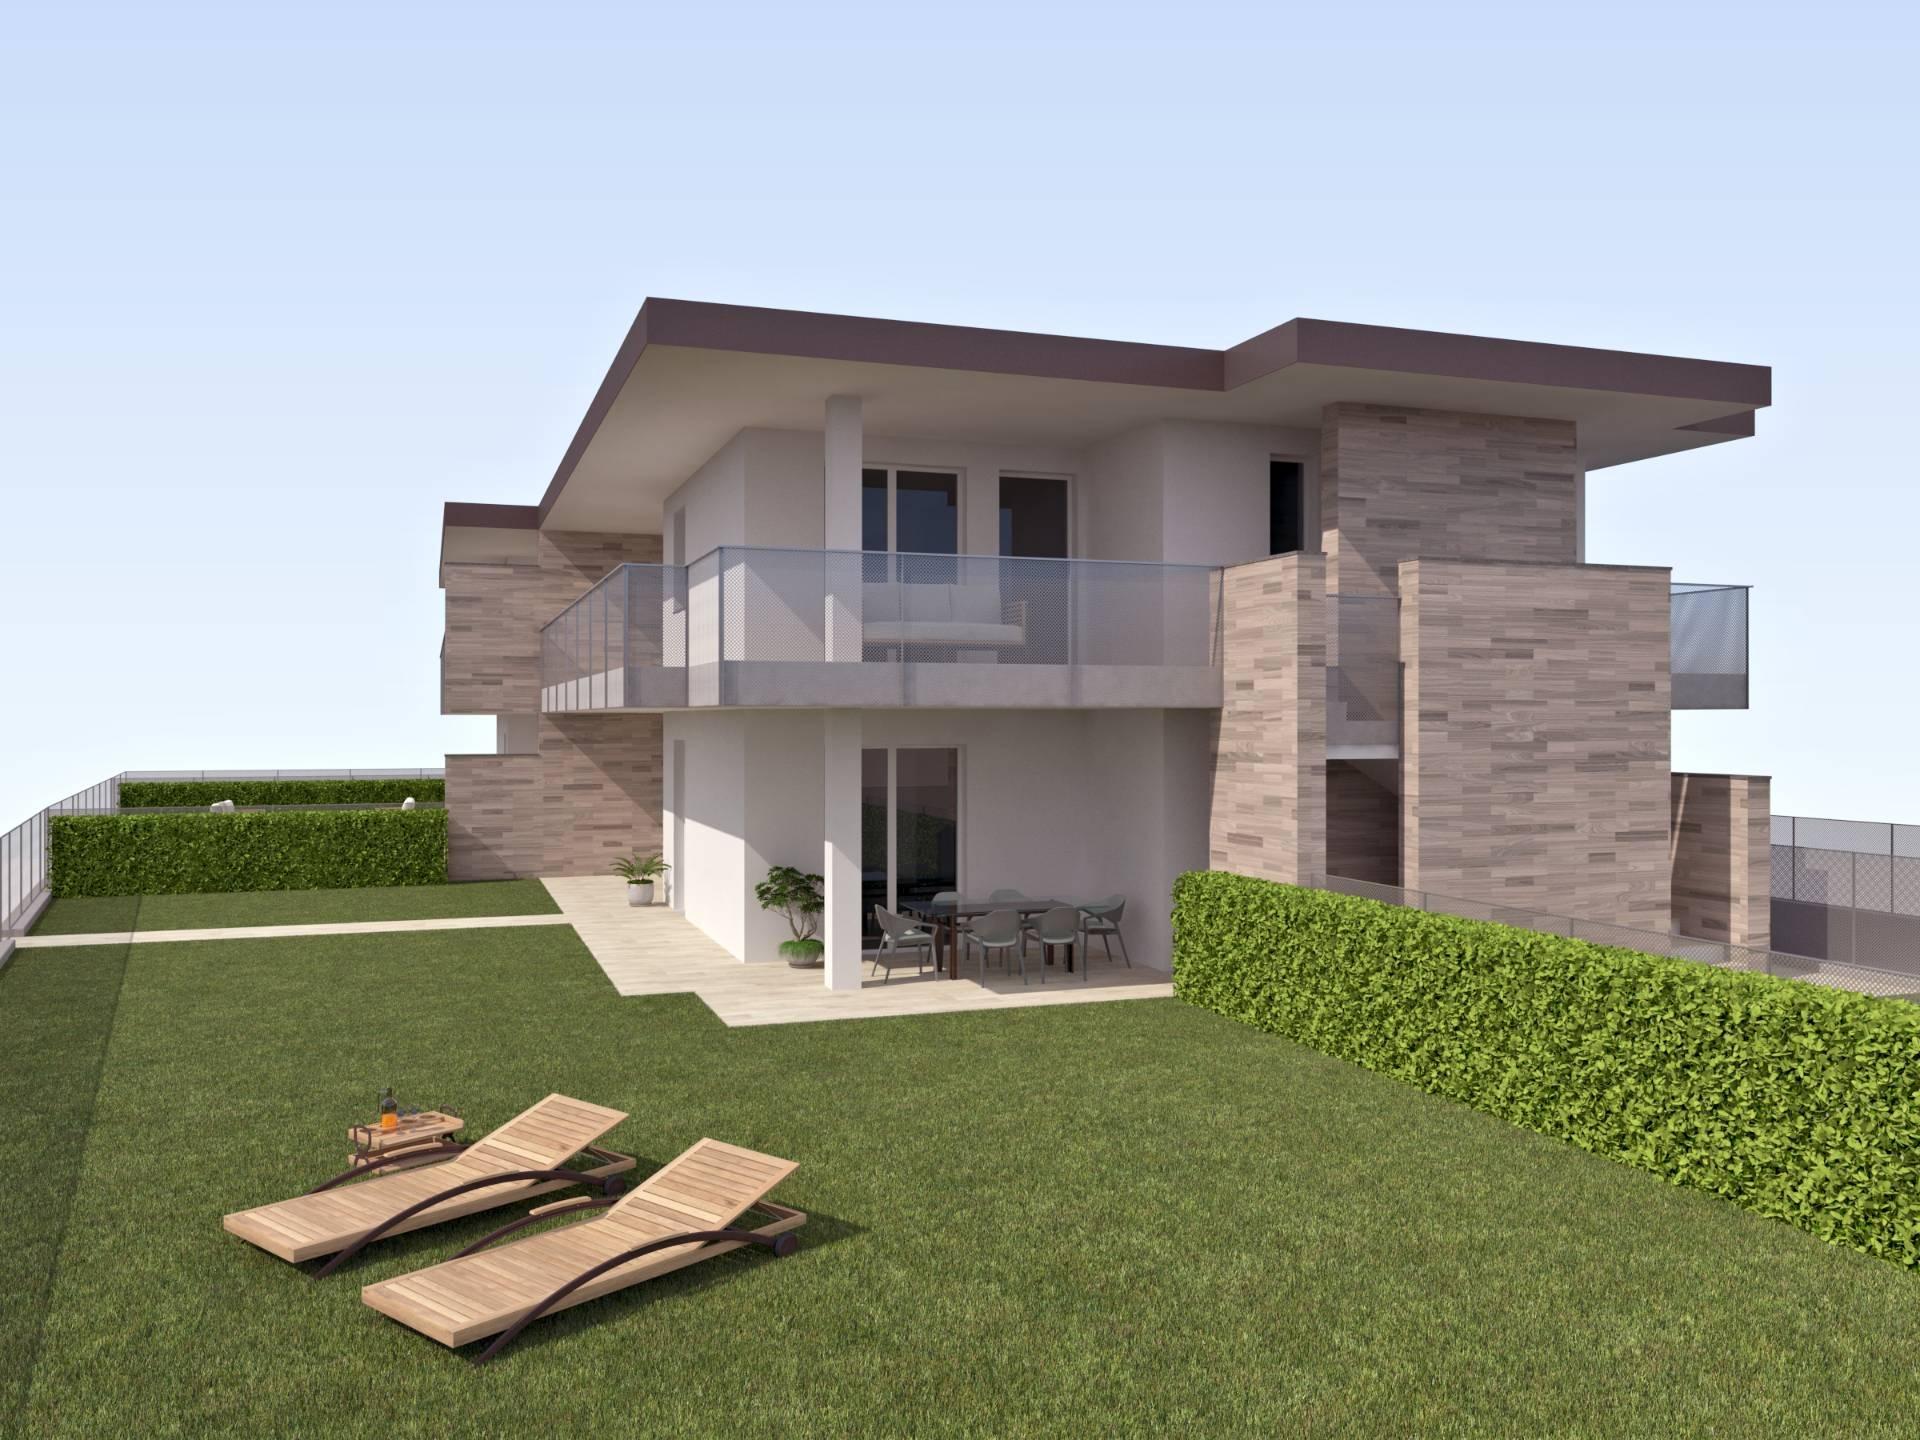 Appartamento in vendita a Brusaporto, 5 locali, prezzo € 363.500 | CambioCasa.it